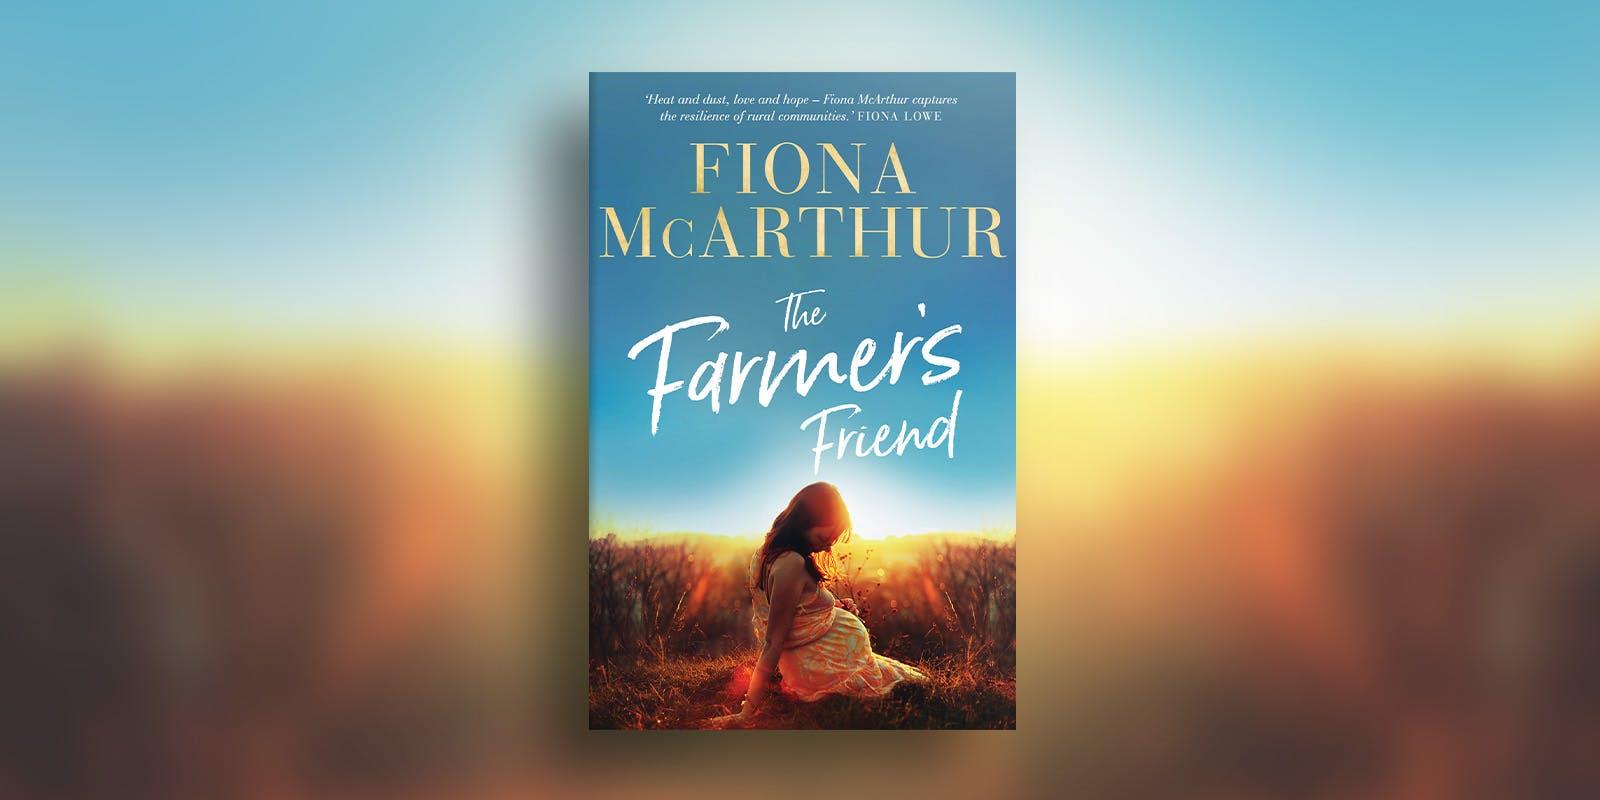 The Farmer's Friend book club notes